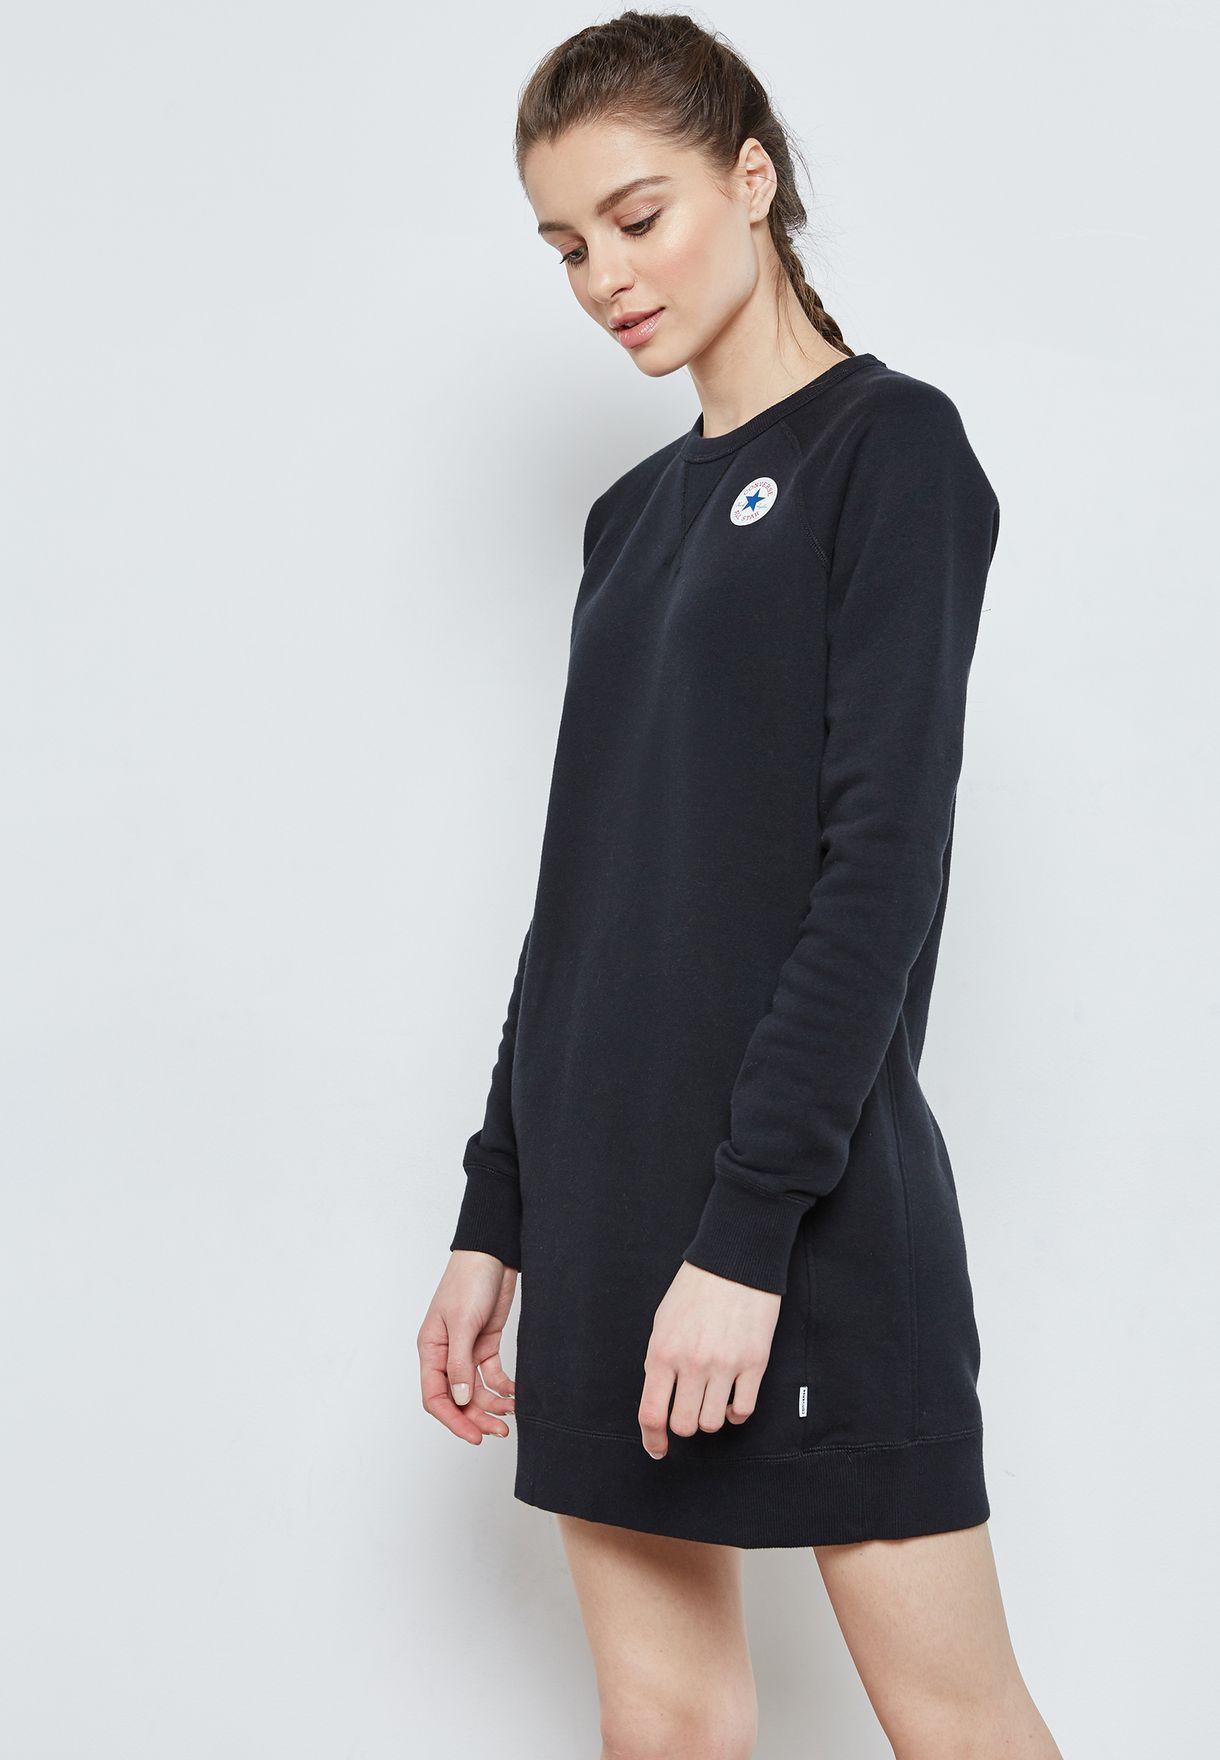 b03b6e5252e2 Shop Converse black Core Sweat Dress 10004545-A01 for Women in UAE ...